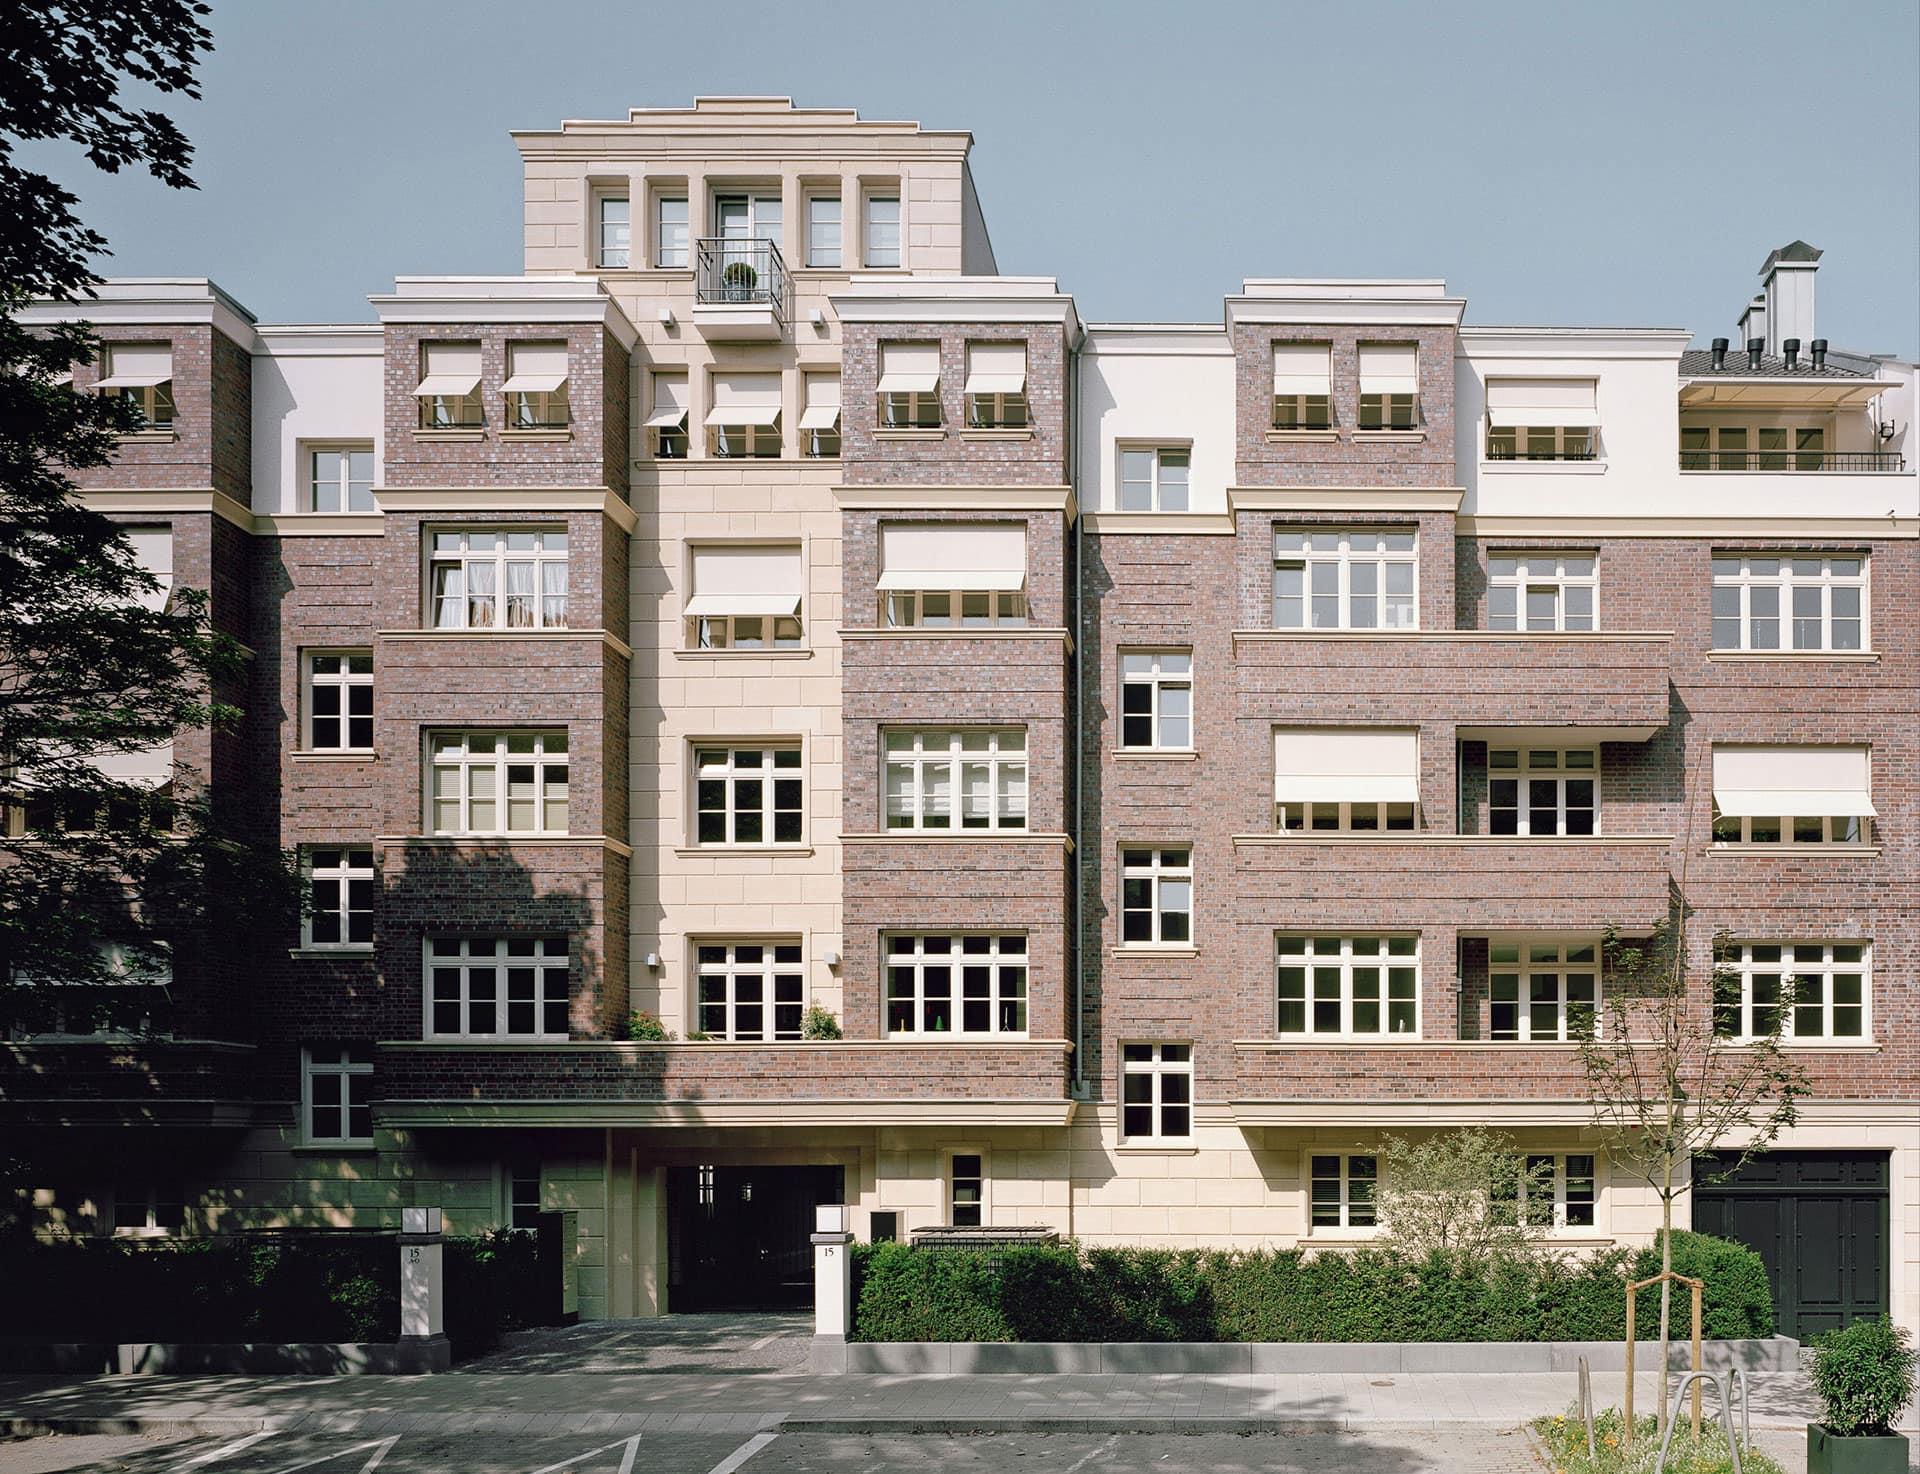 Quirinstrasse 15 Düsseldorf Vorderhaus Fassade Sofienhof